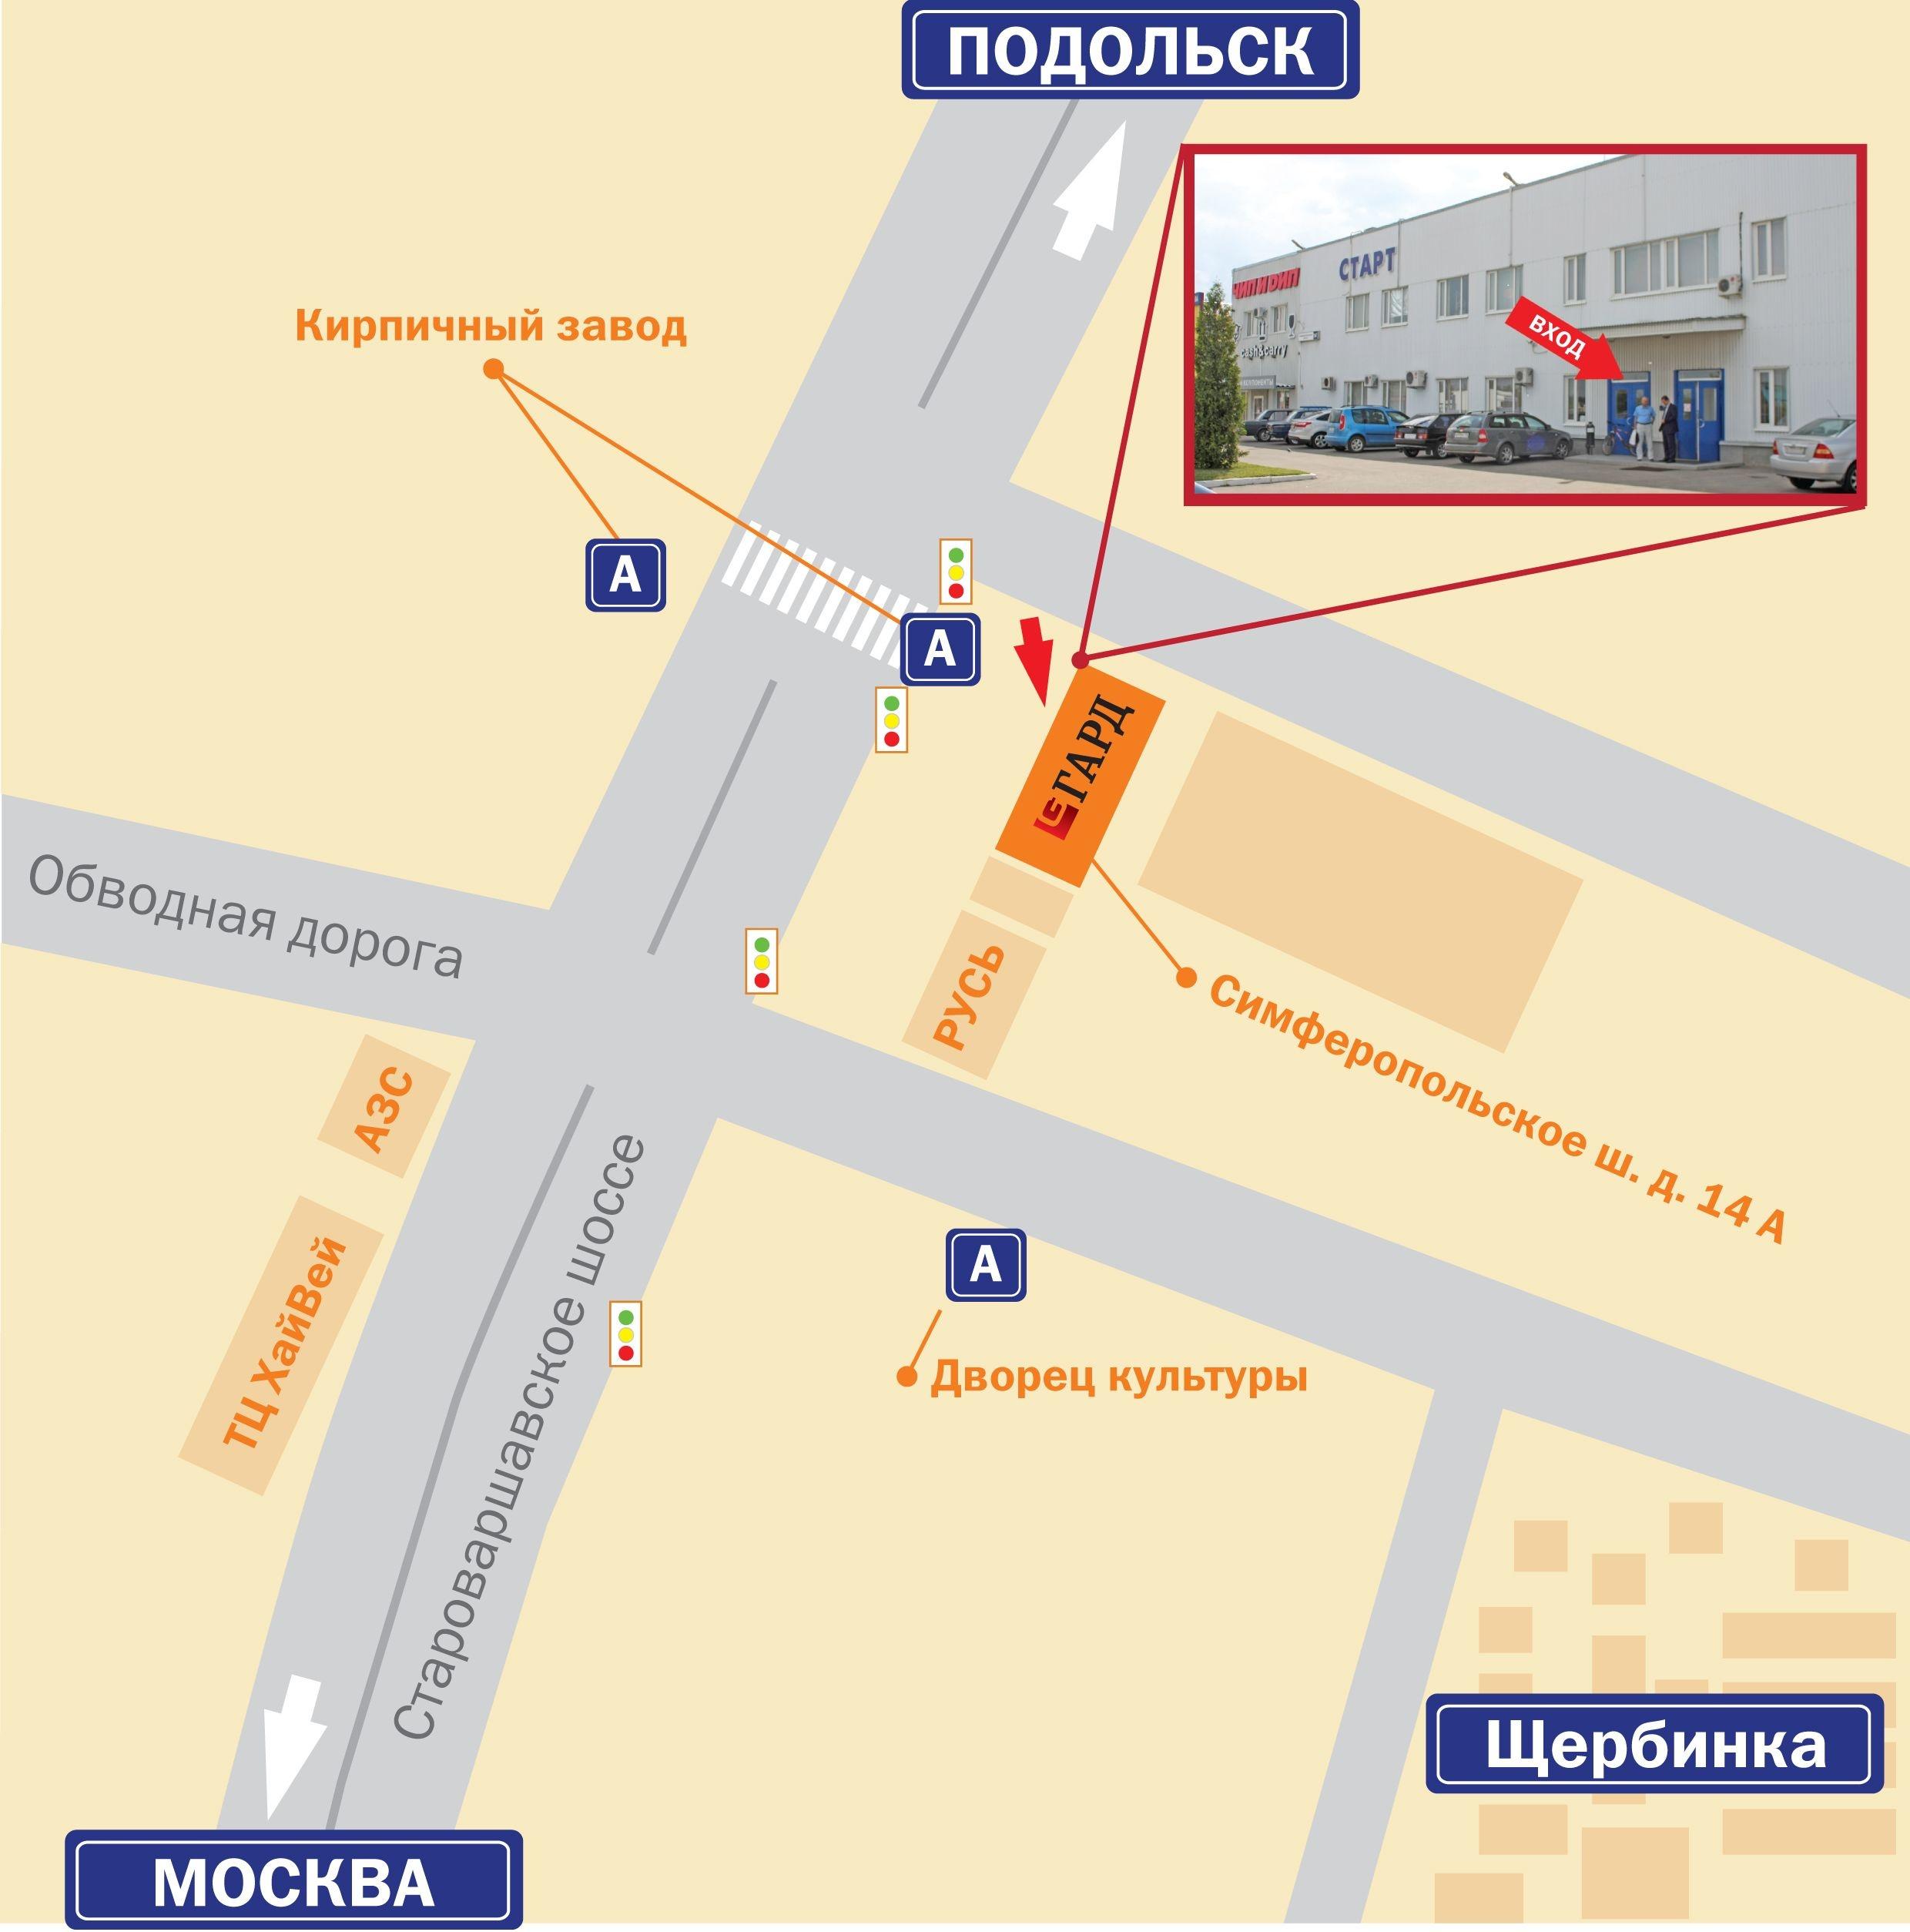 Московская область, 3168 - mercedes-benz o305g